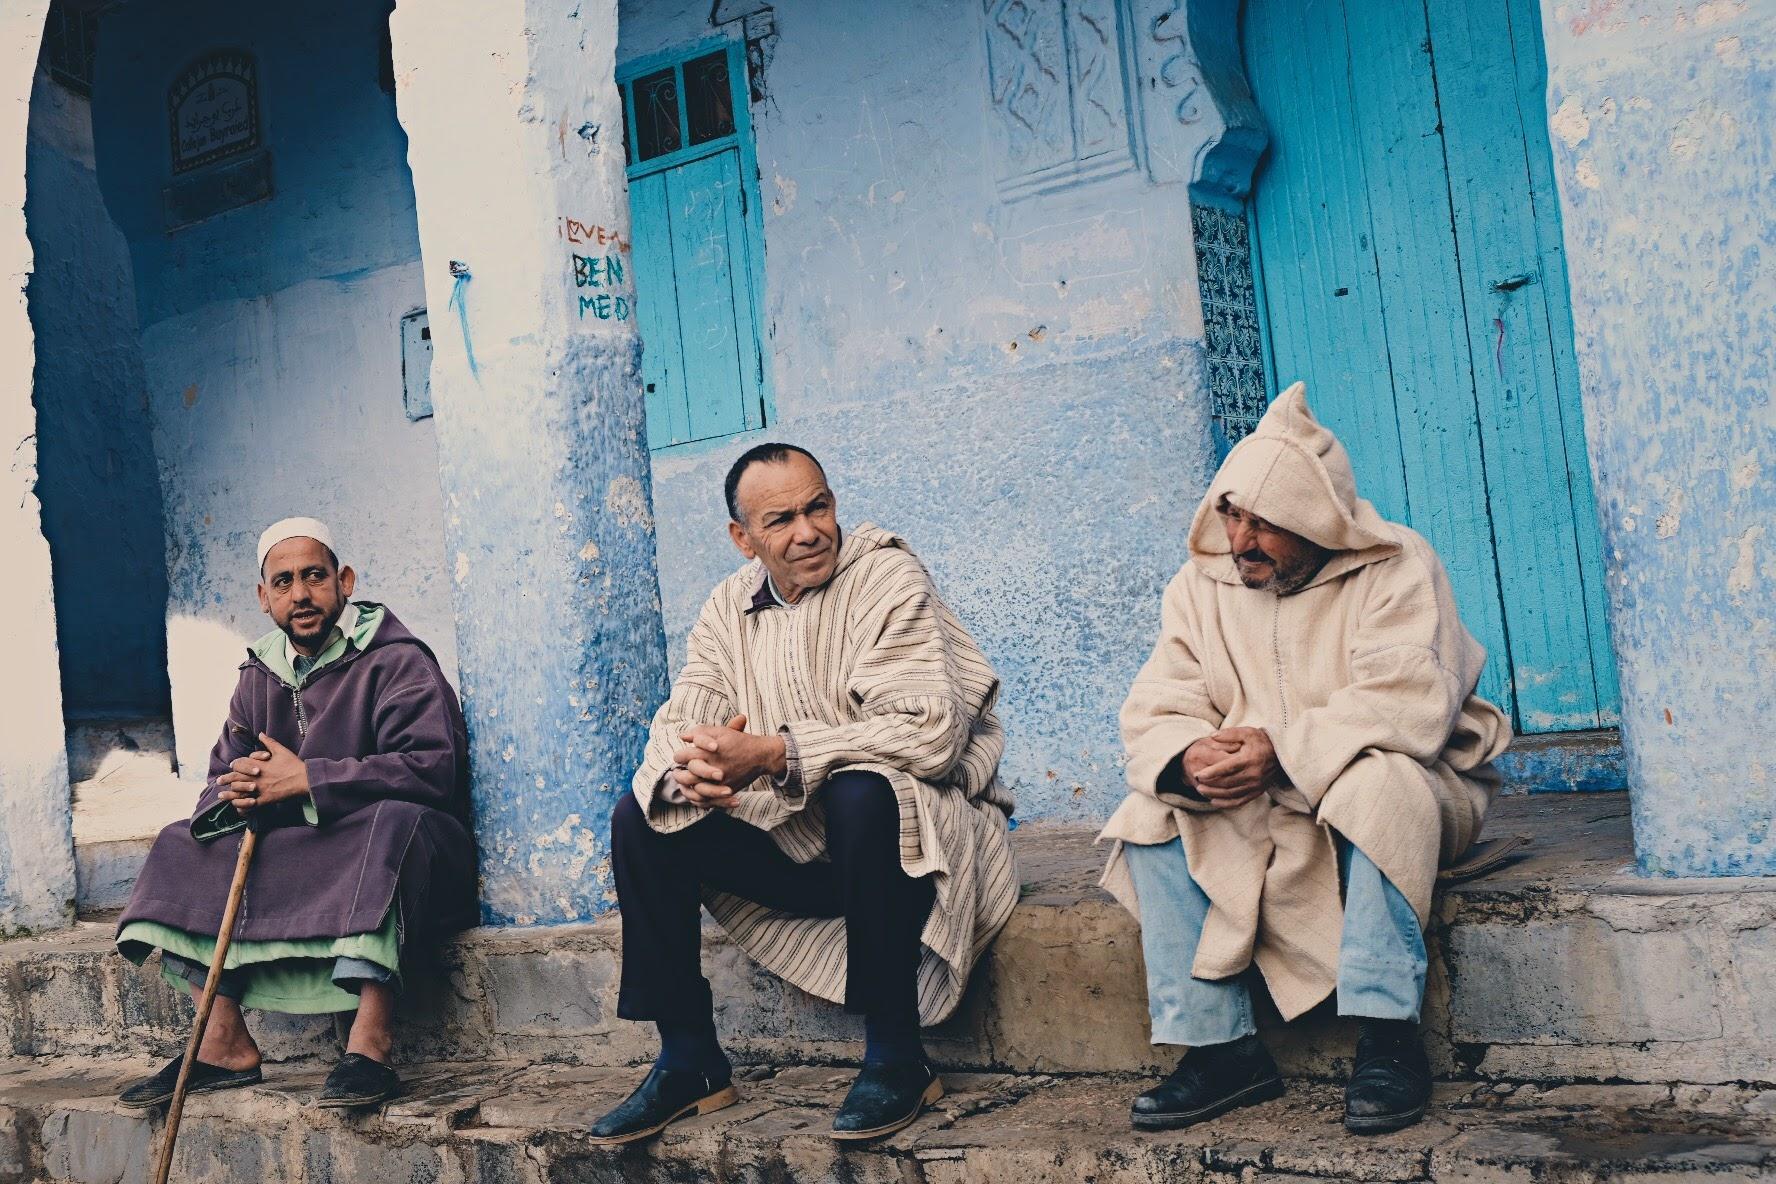 3 wise men, chefchaouen